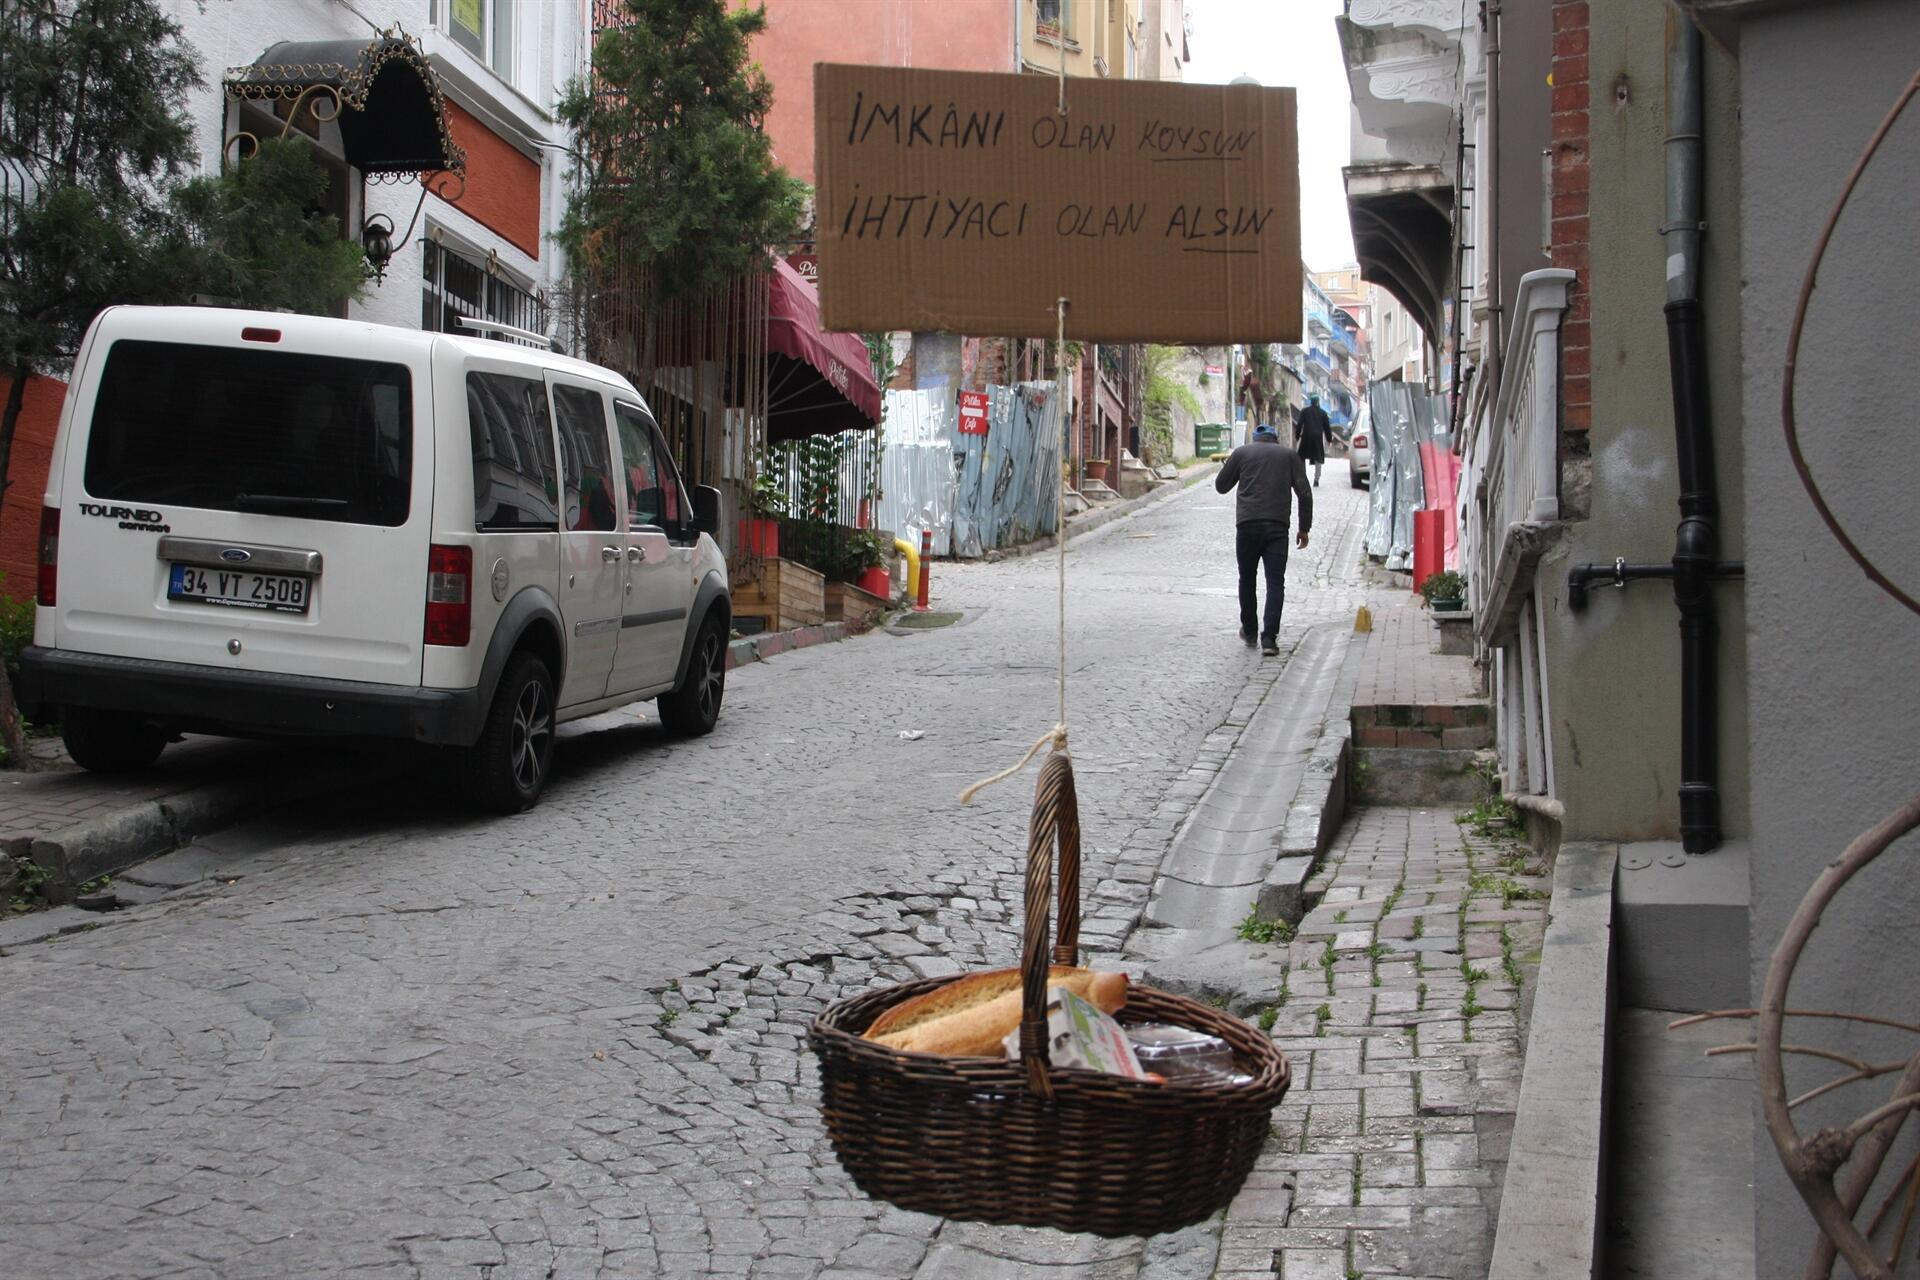 İtalya'da gördüklerinden esinlendi, sosyal medyada hızla yayılıyor